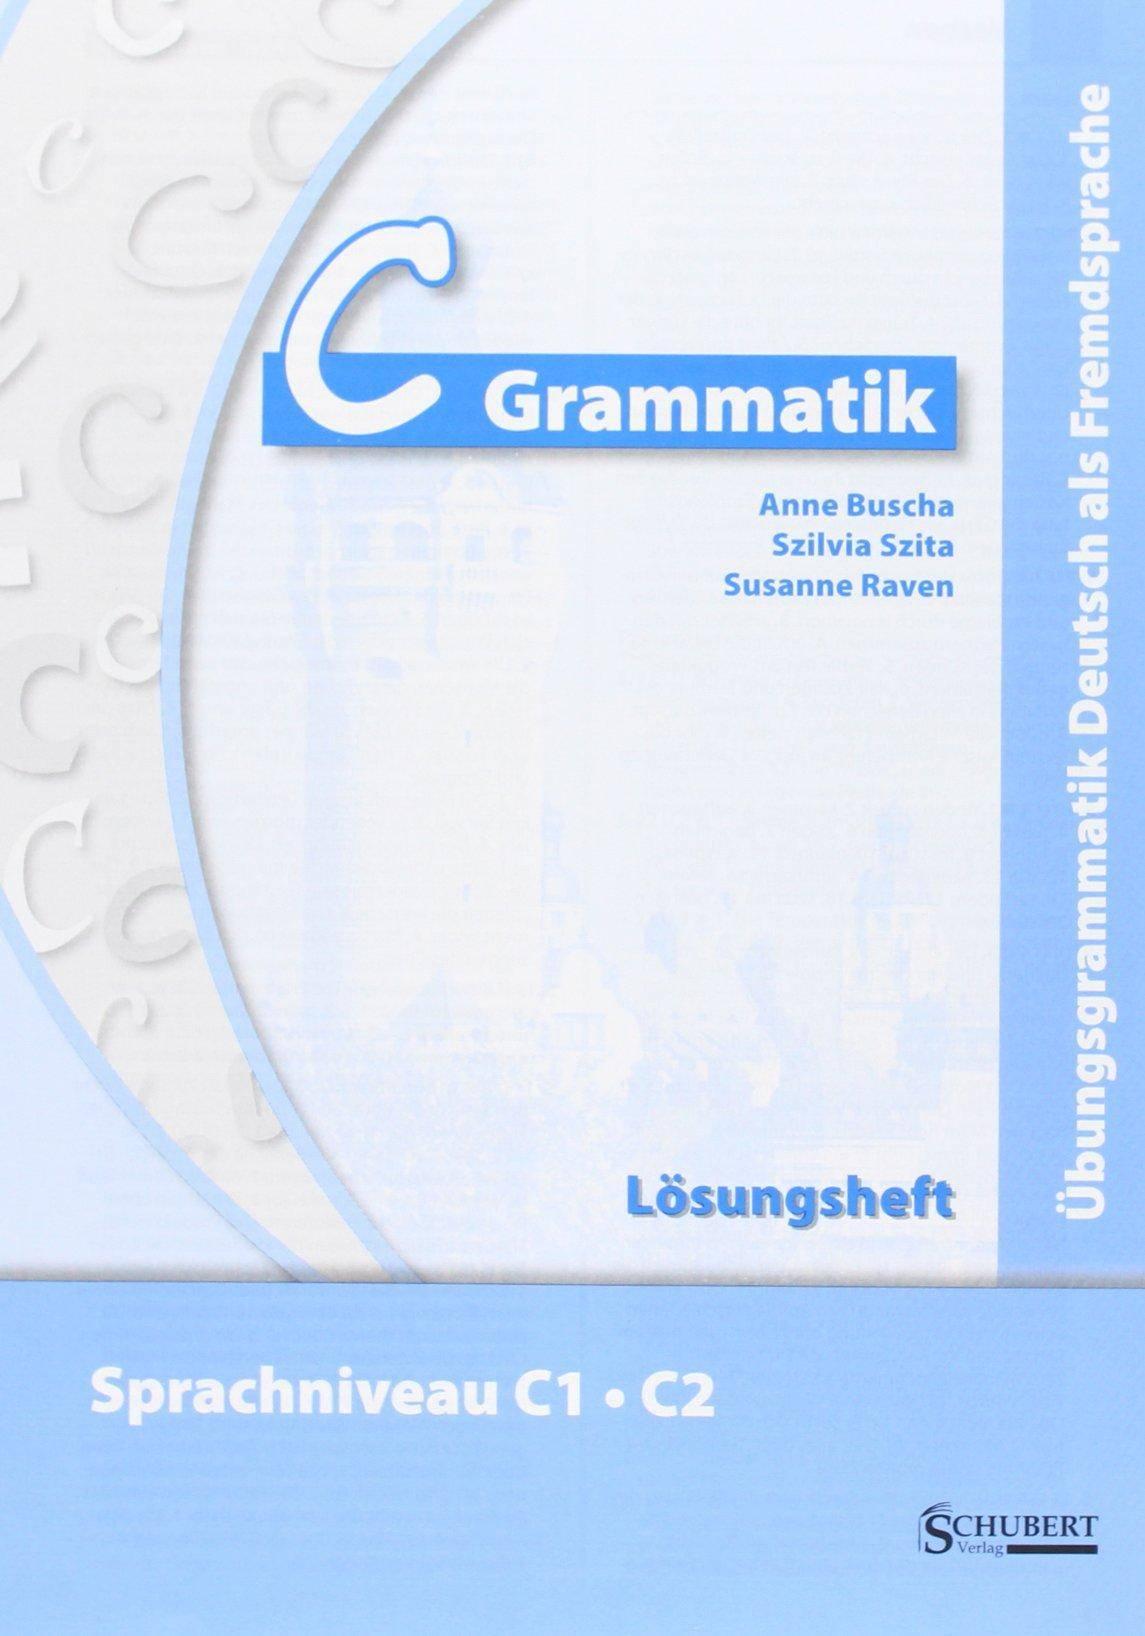 C-Grammatik C1 C2, Buscha Anne